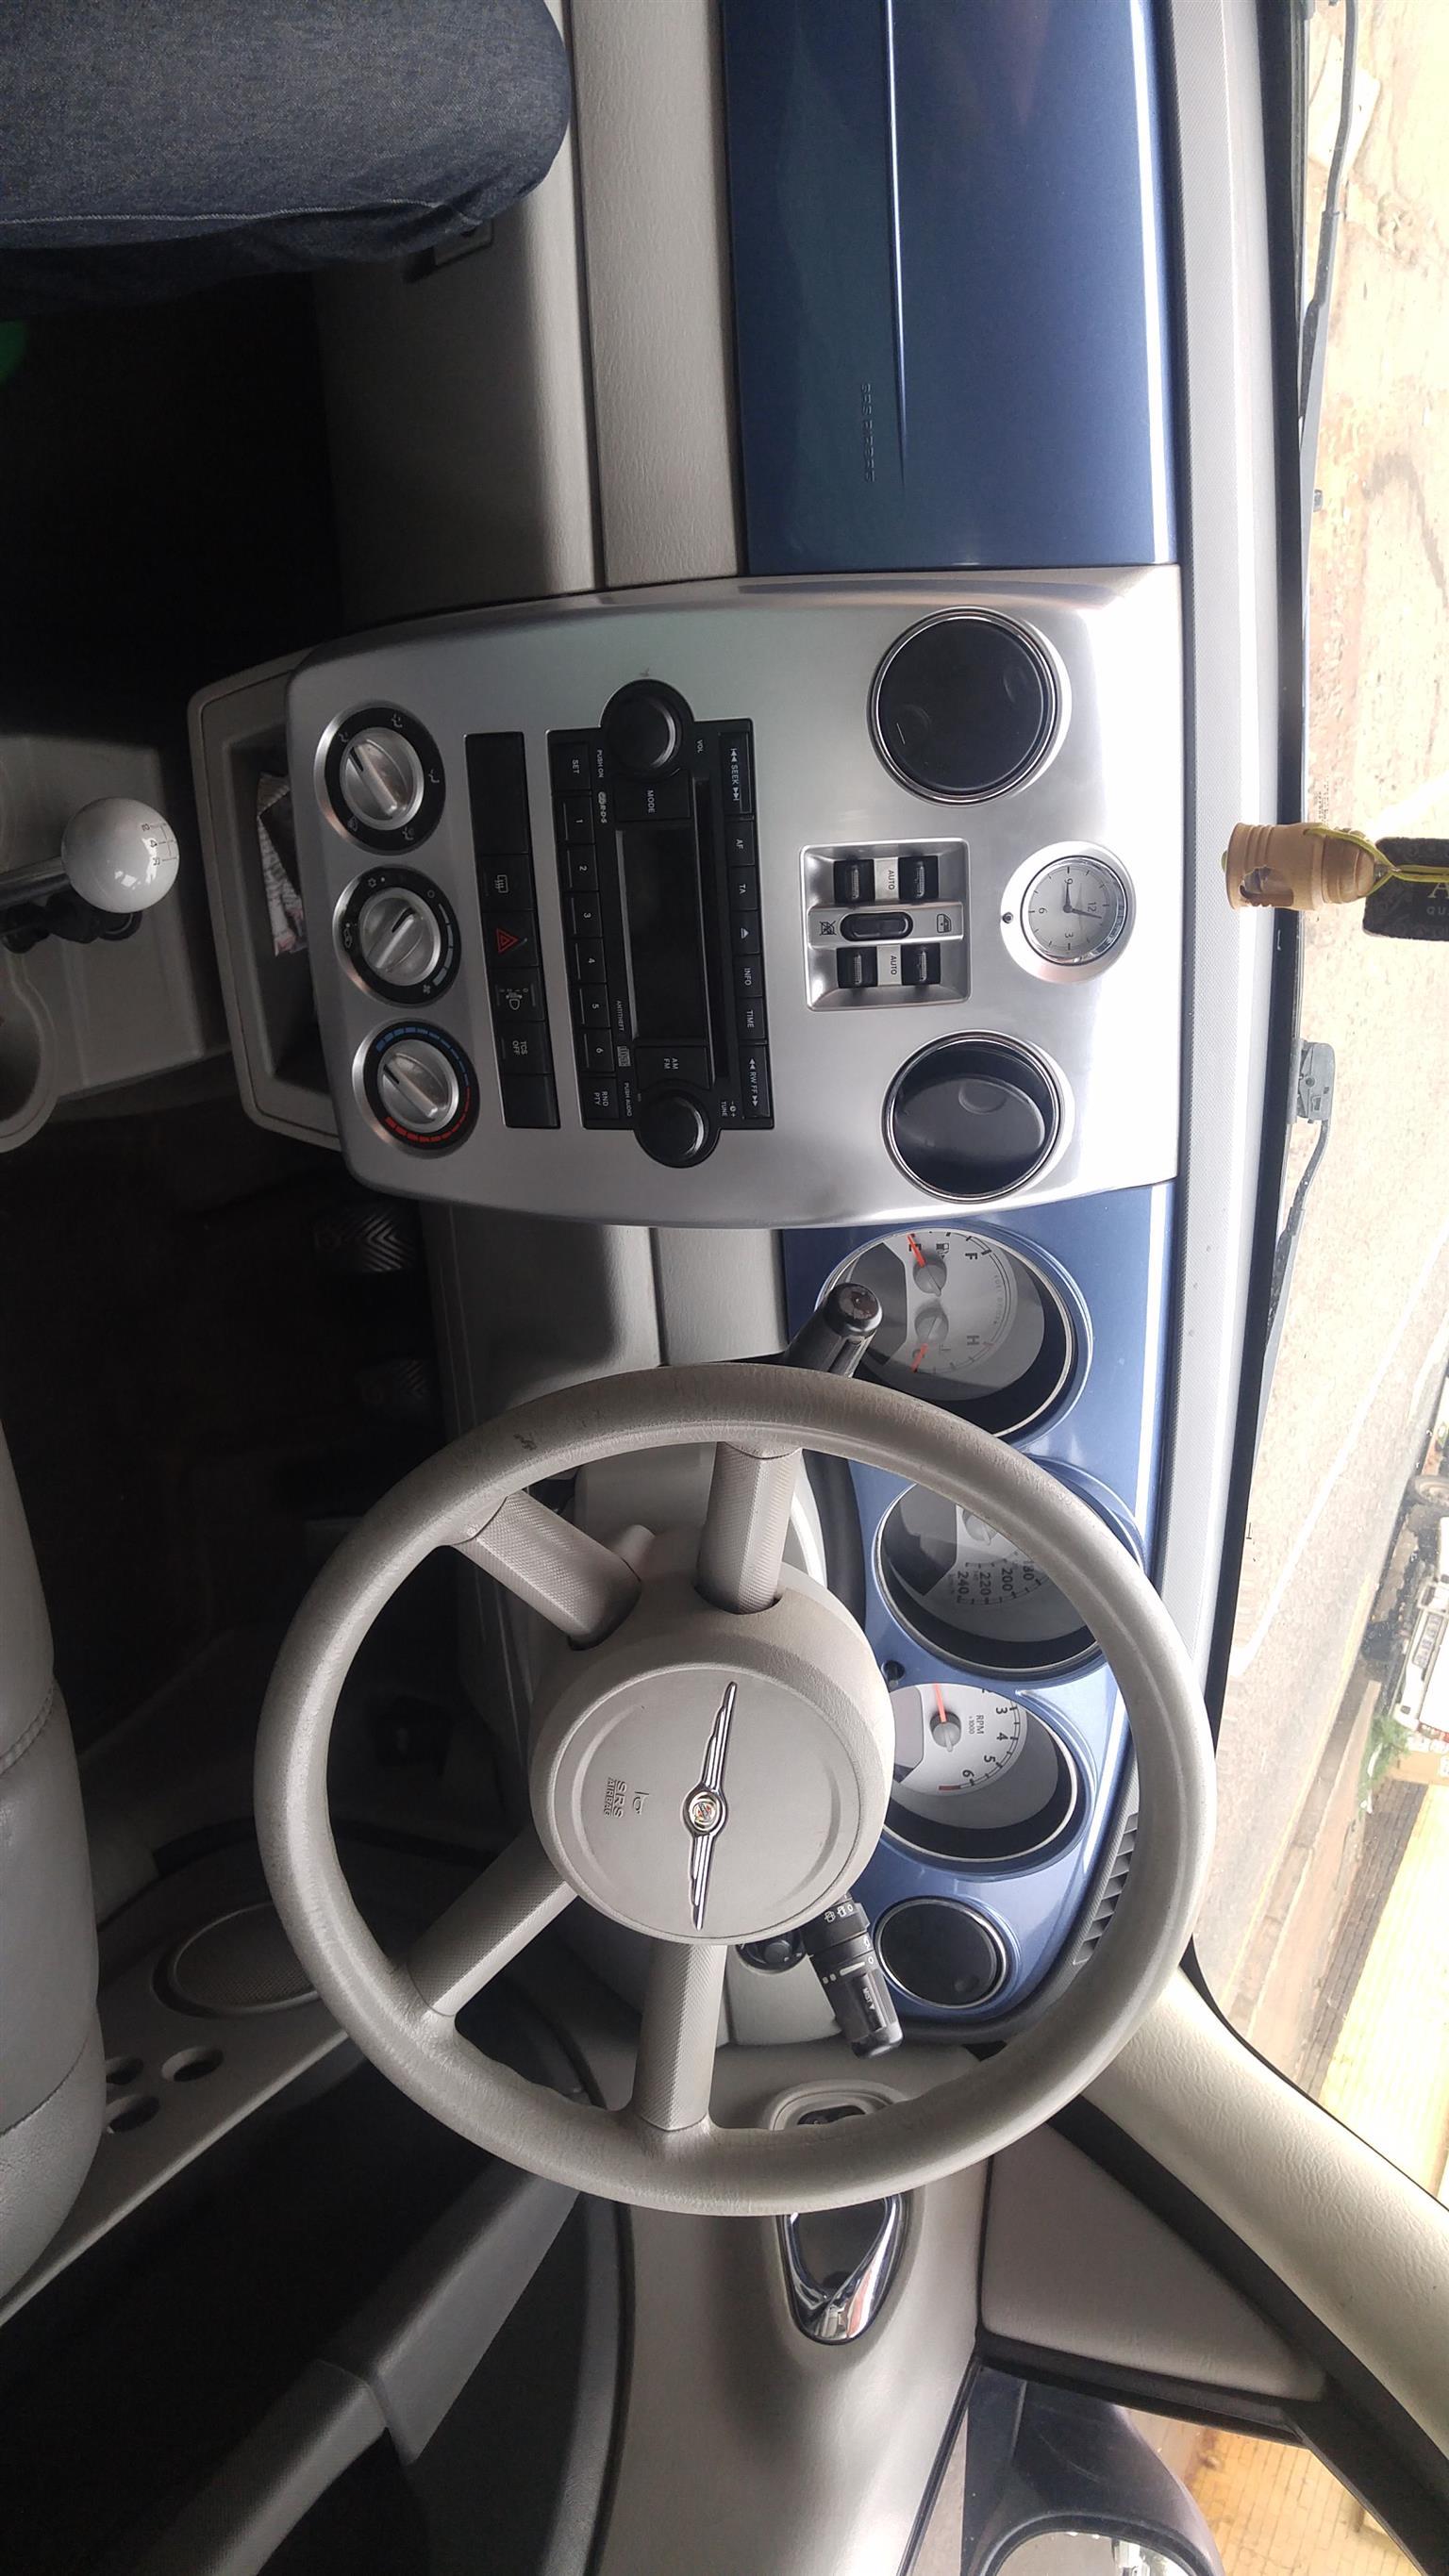 2006 Chrysler PT Cruiser 2.4 Limited